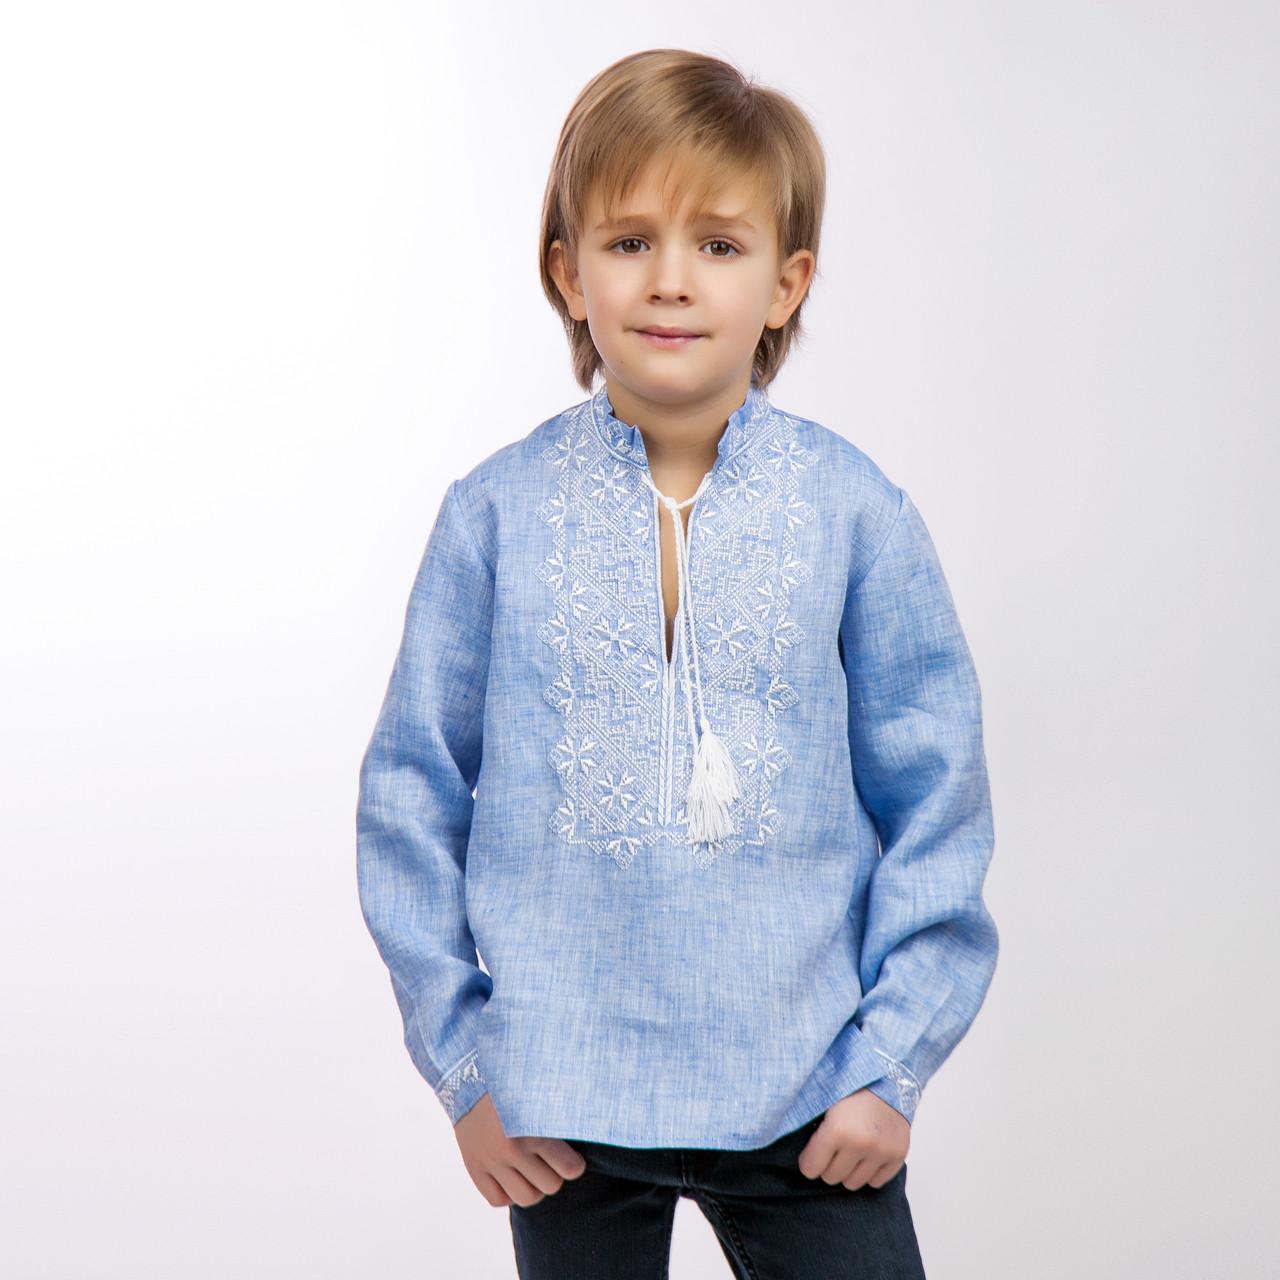 Вышиванка для мальчика, светлый джинс - фото 3